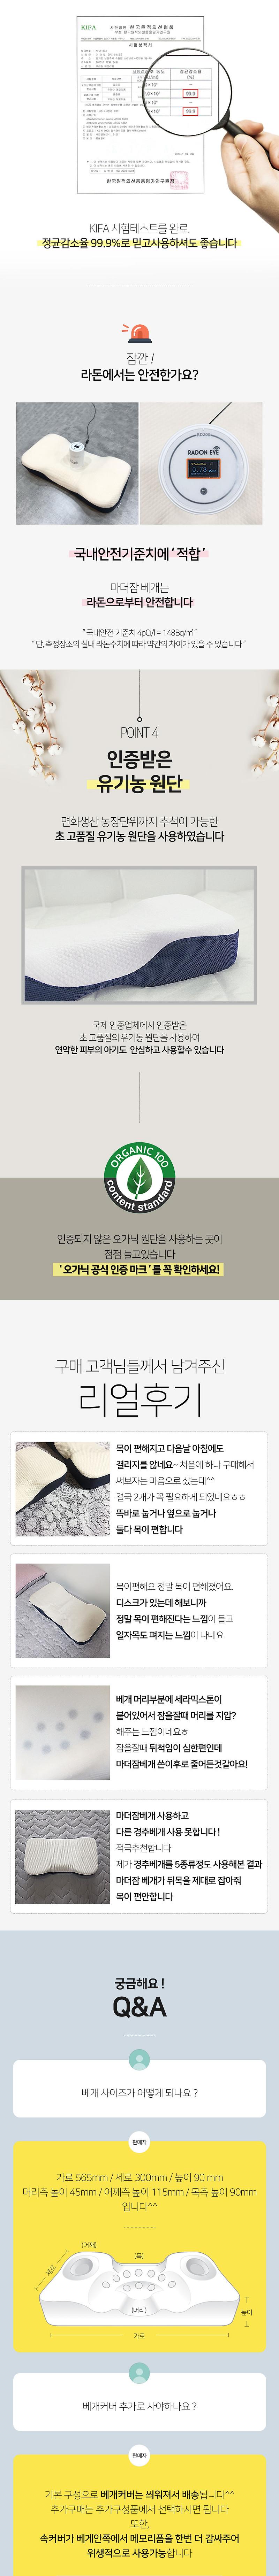 마더잠경추베개_04.jpg